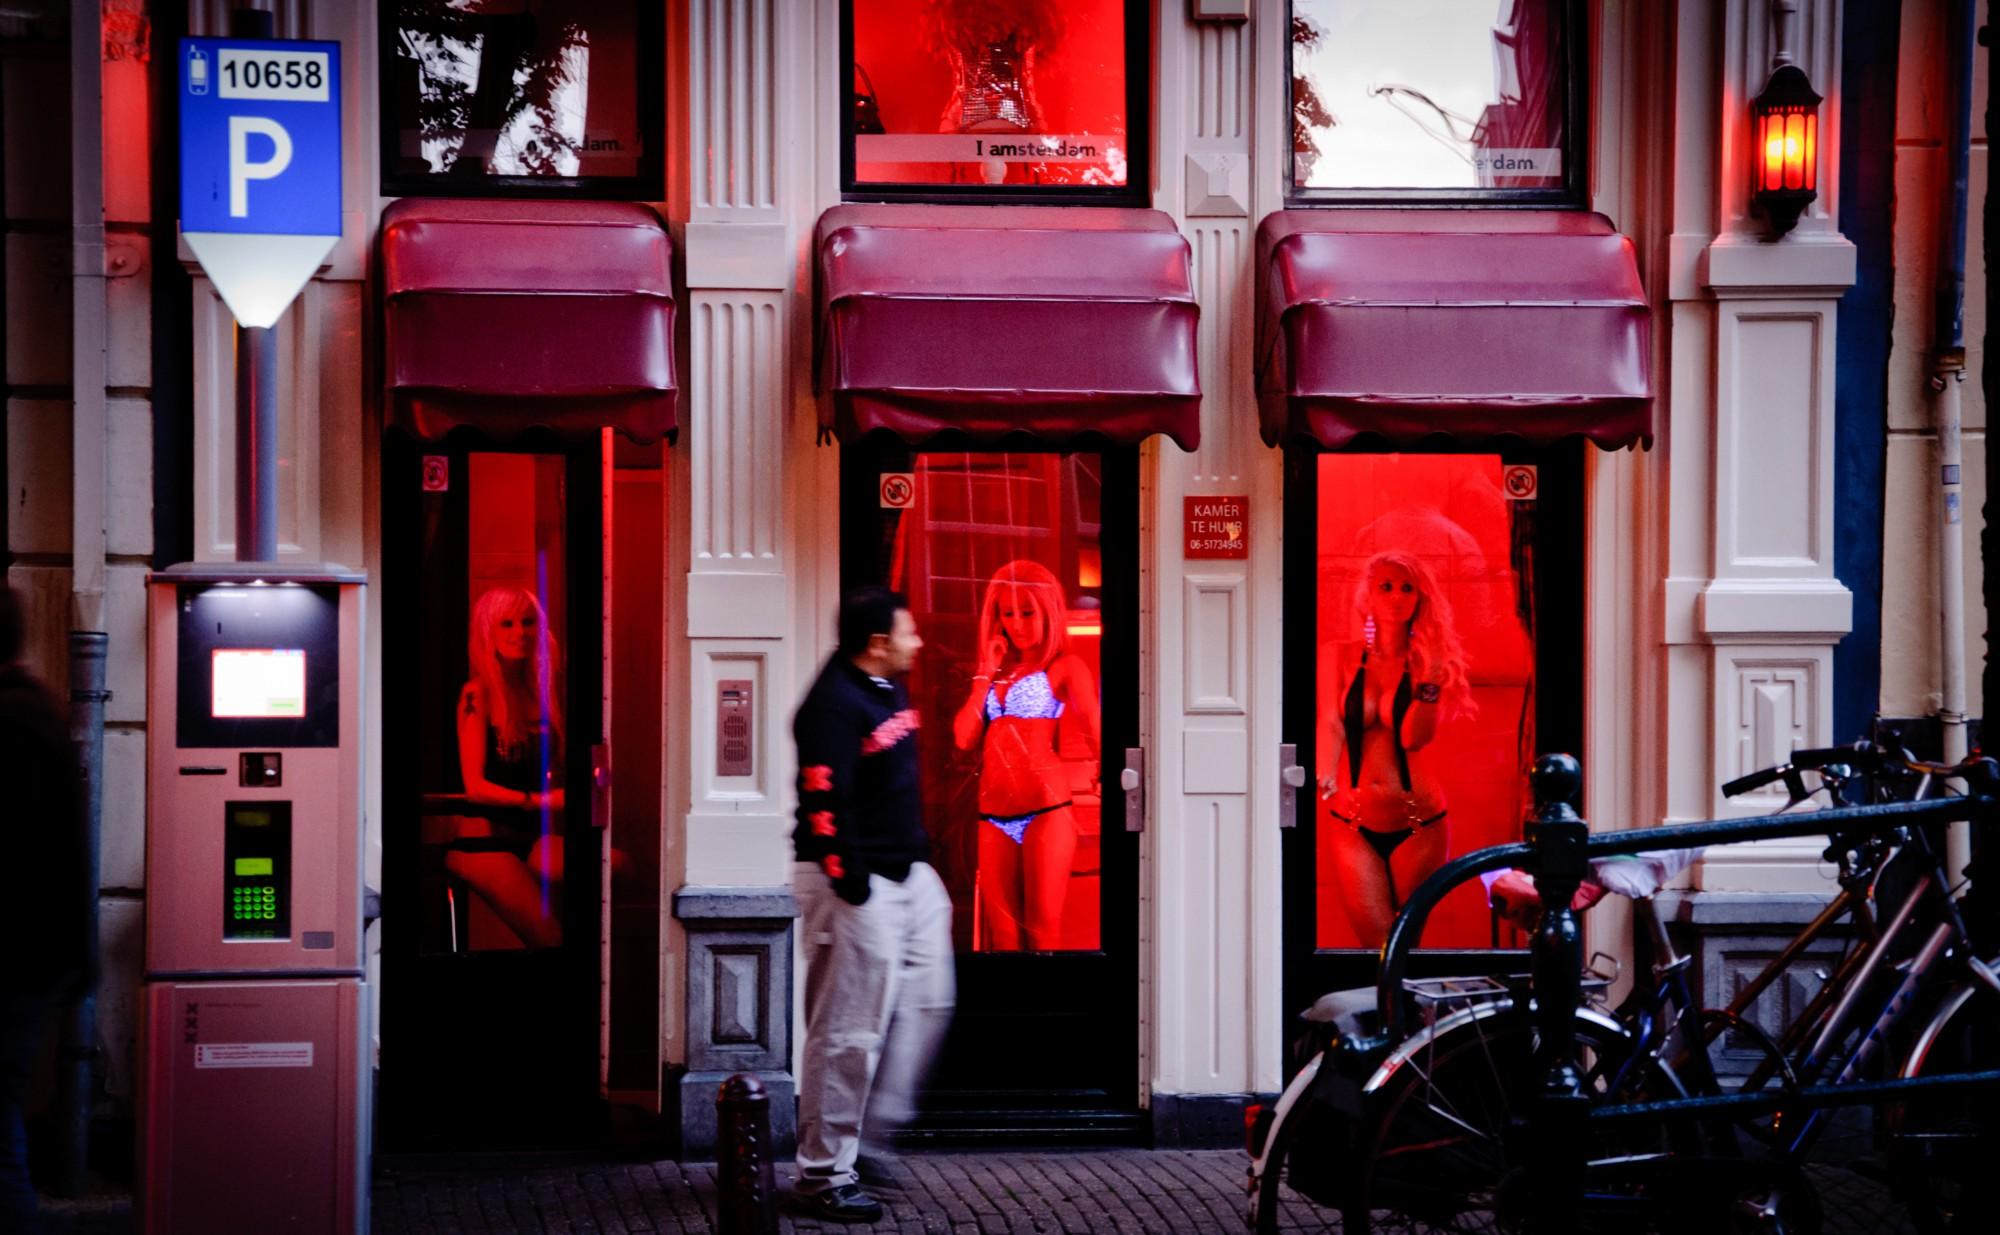 Порно с проститутками с улицы красных фонарей, анал на заднем сидении авто